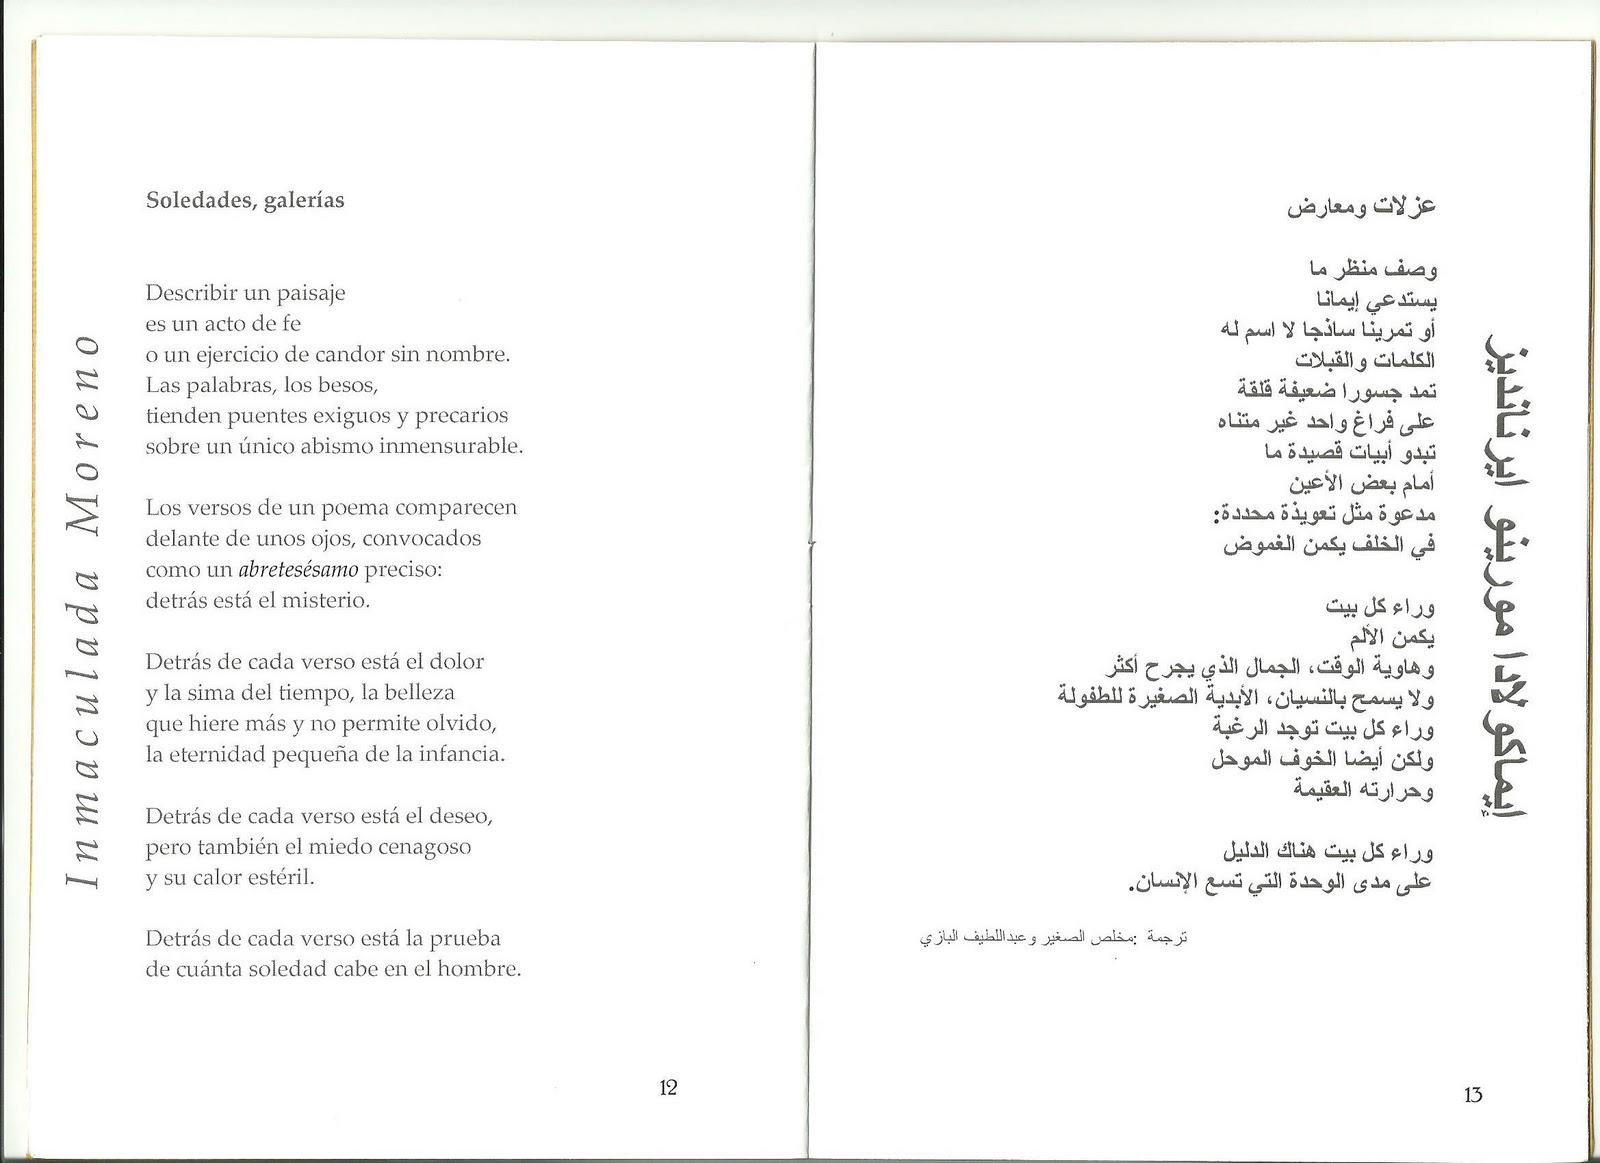 Delibrosygentes Poemas Traducidos Al árabe